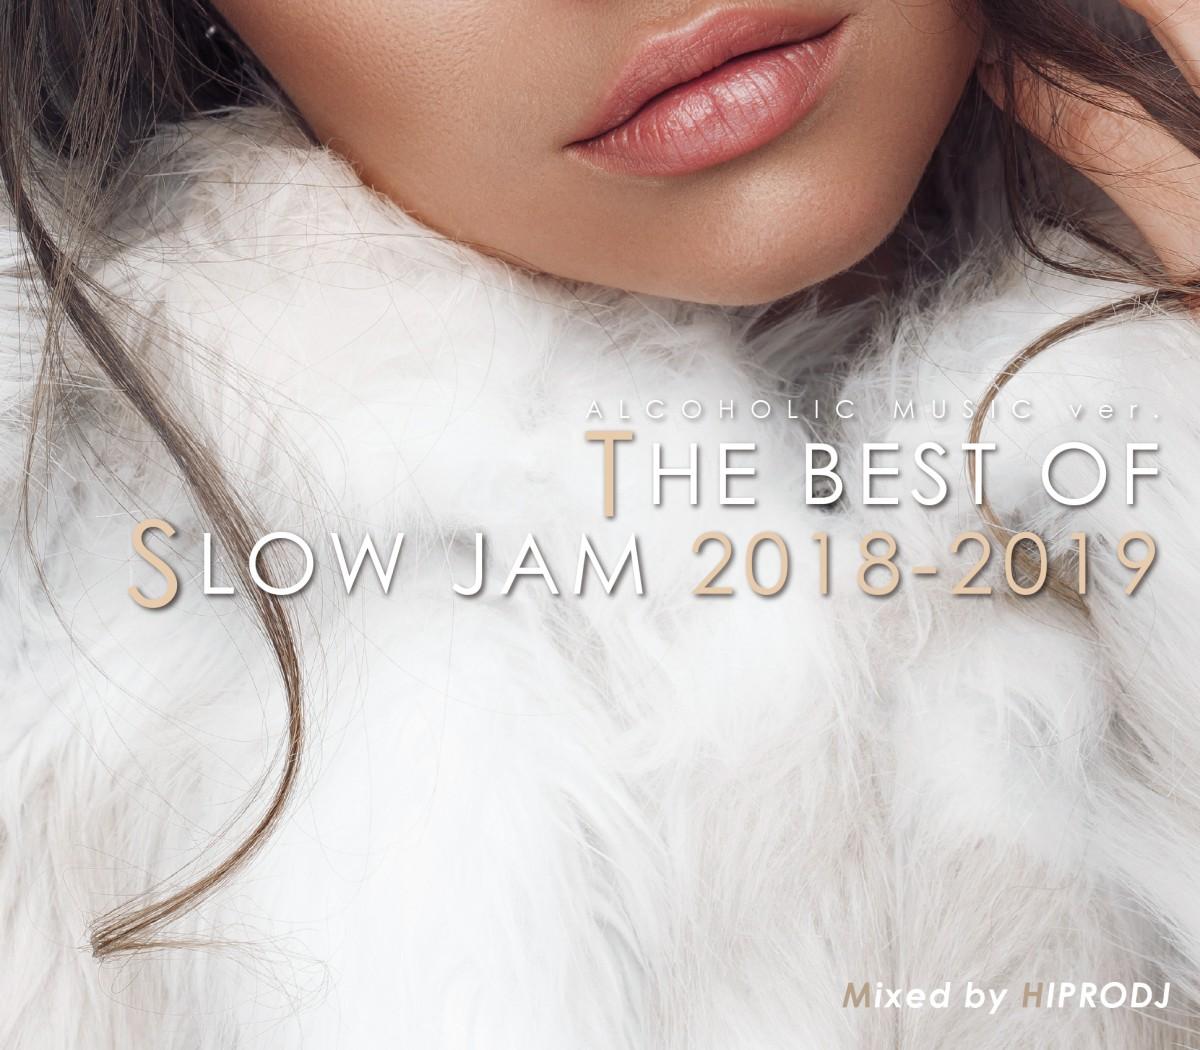 2018 2019 スロウジャム R&B ベストAlcoholic Music Ver. The Best Of Slow Jam 2018-2019 / Hiprodj